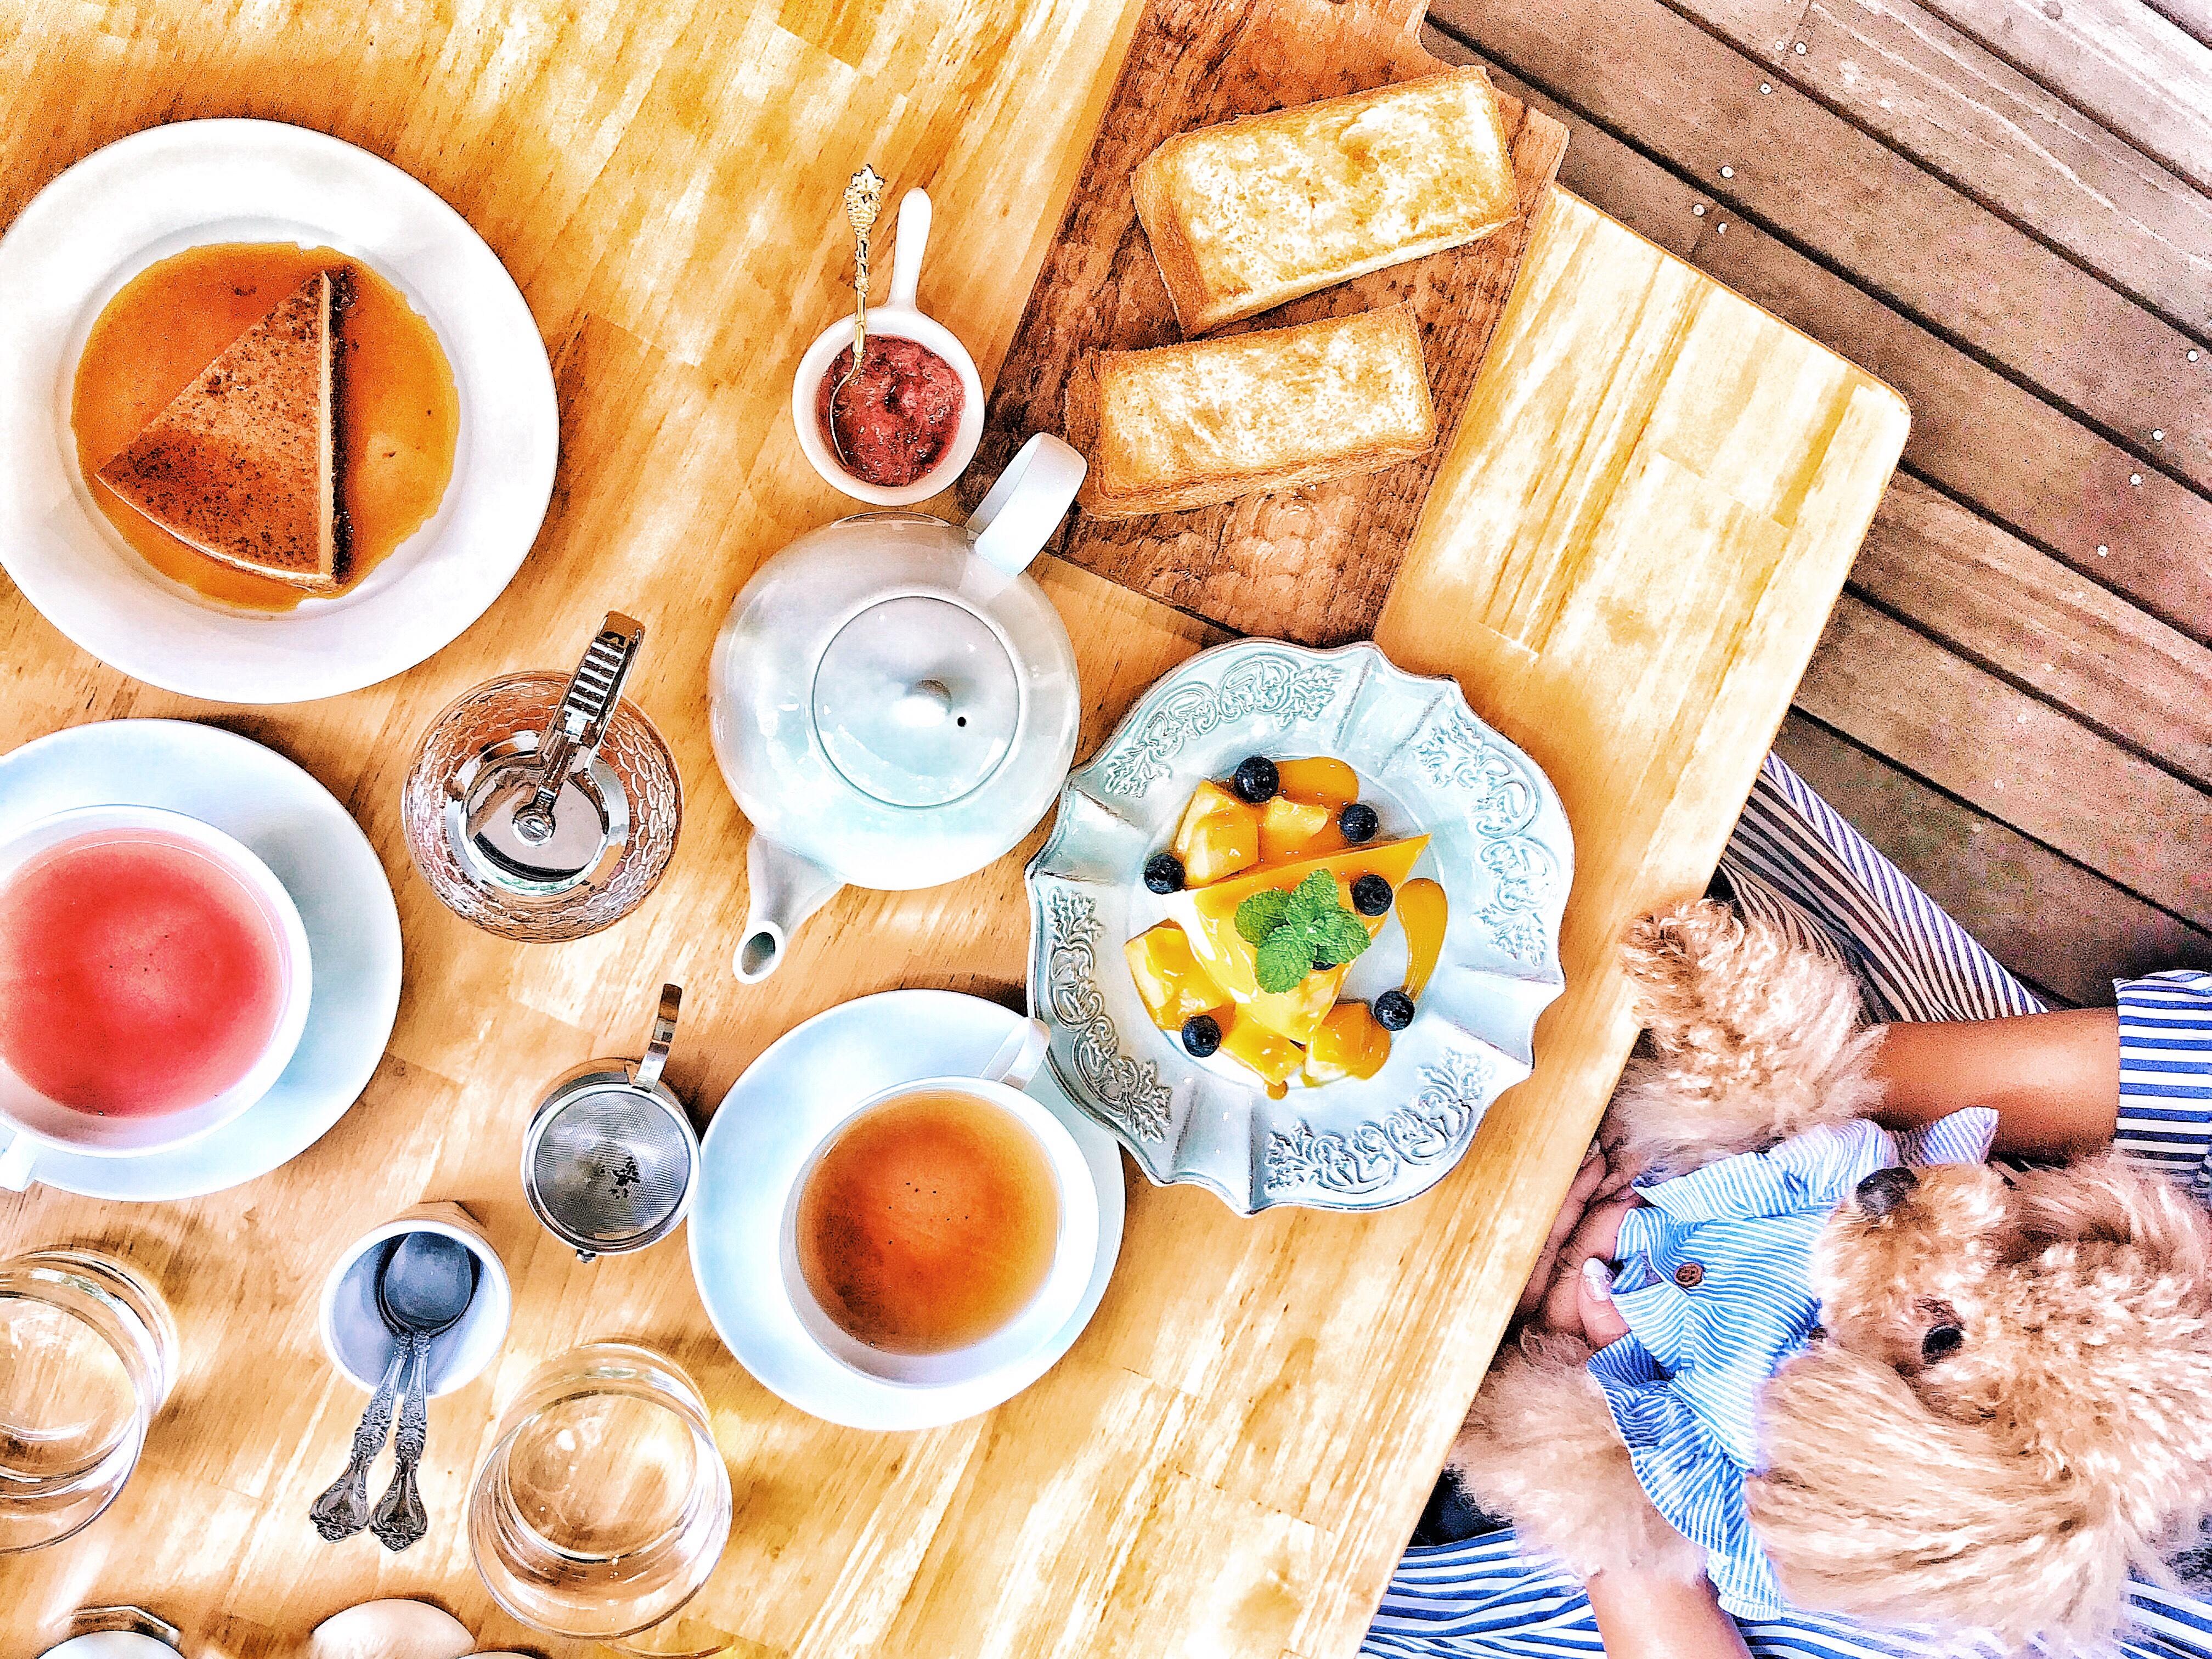 826b4b7e d916 4060 b44f b3f7bb4d71f8 - Cafe Forest Vale - また訪れたい 愛犬と過ごせる軽井沢の緑に囲まれたカフェ